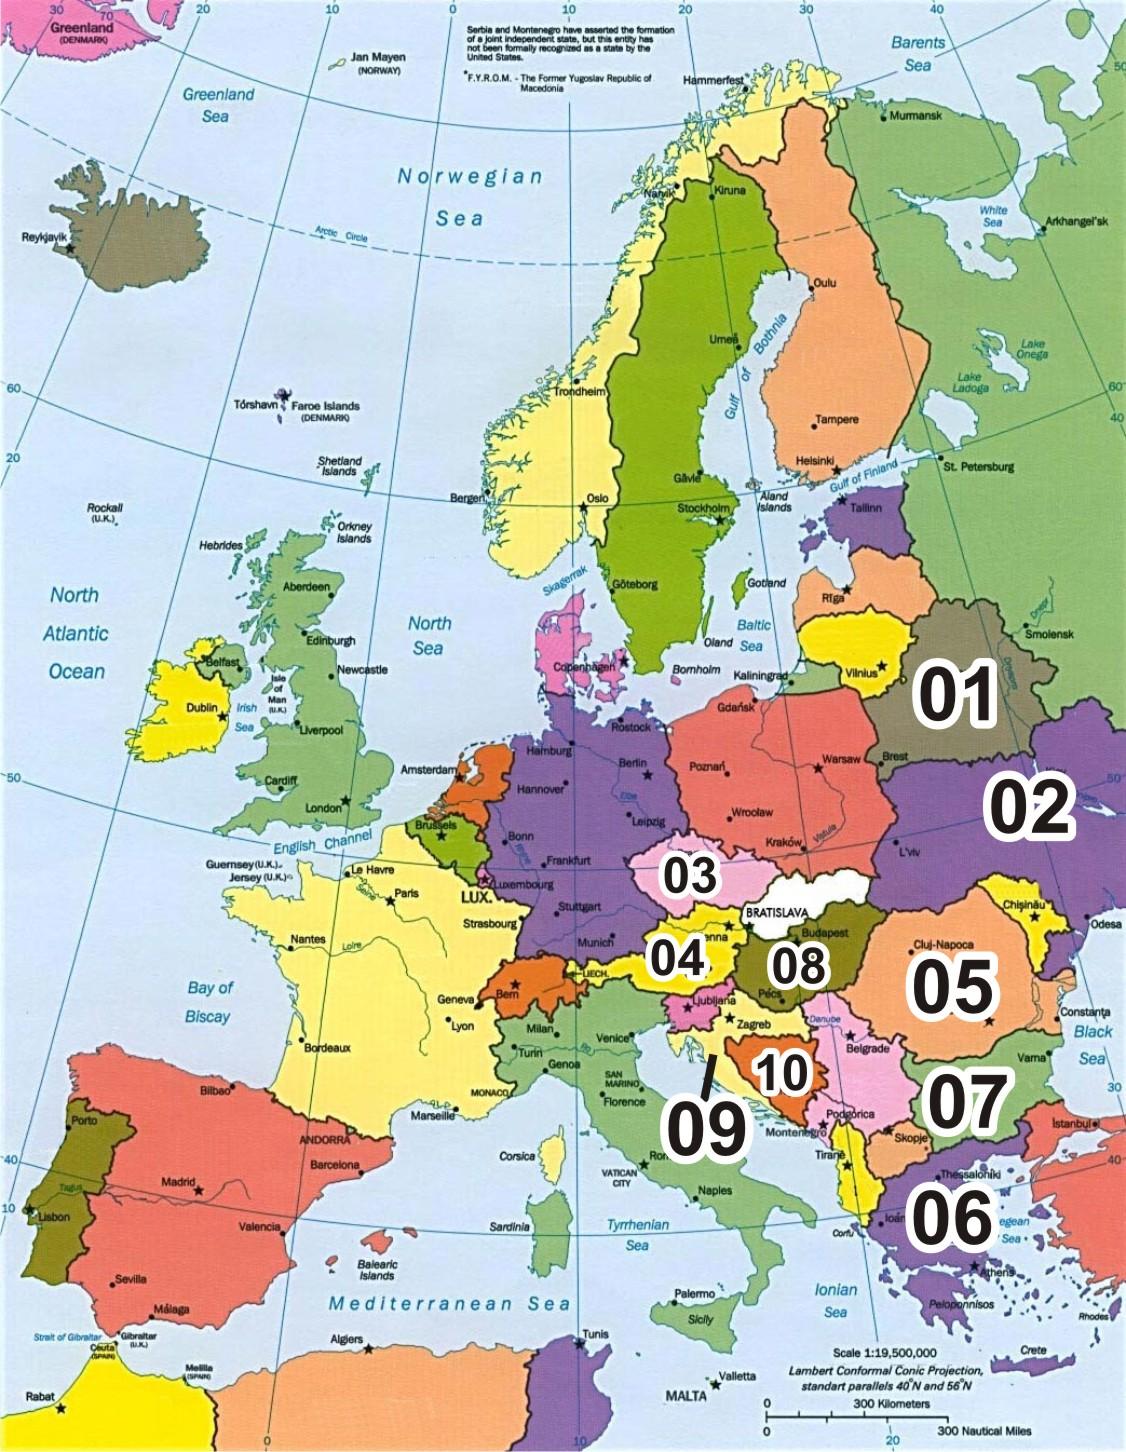 europa leste mapa Mapa Europa Leste | thujamassages europa leste mapa